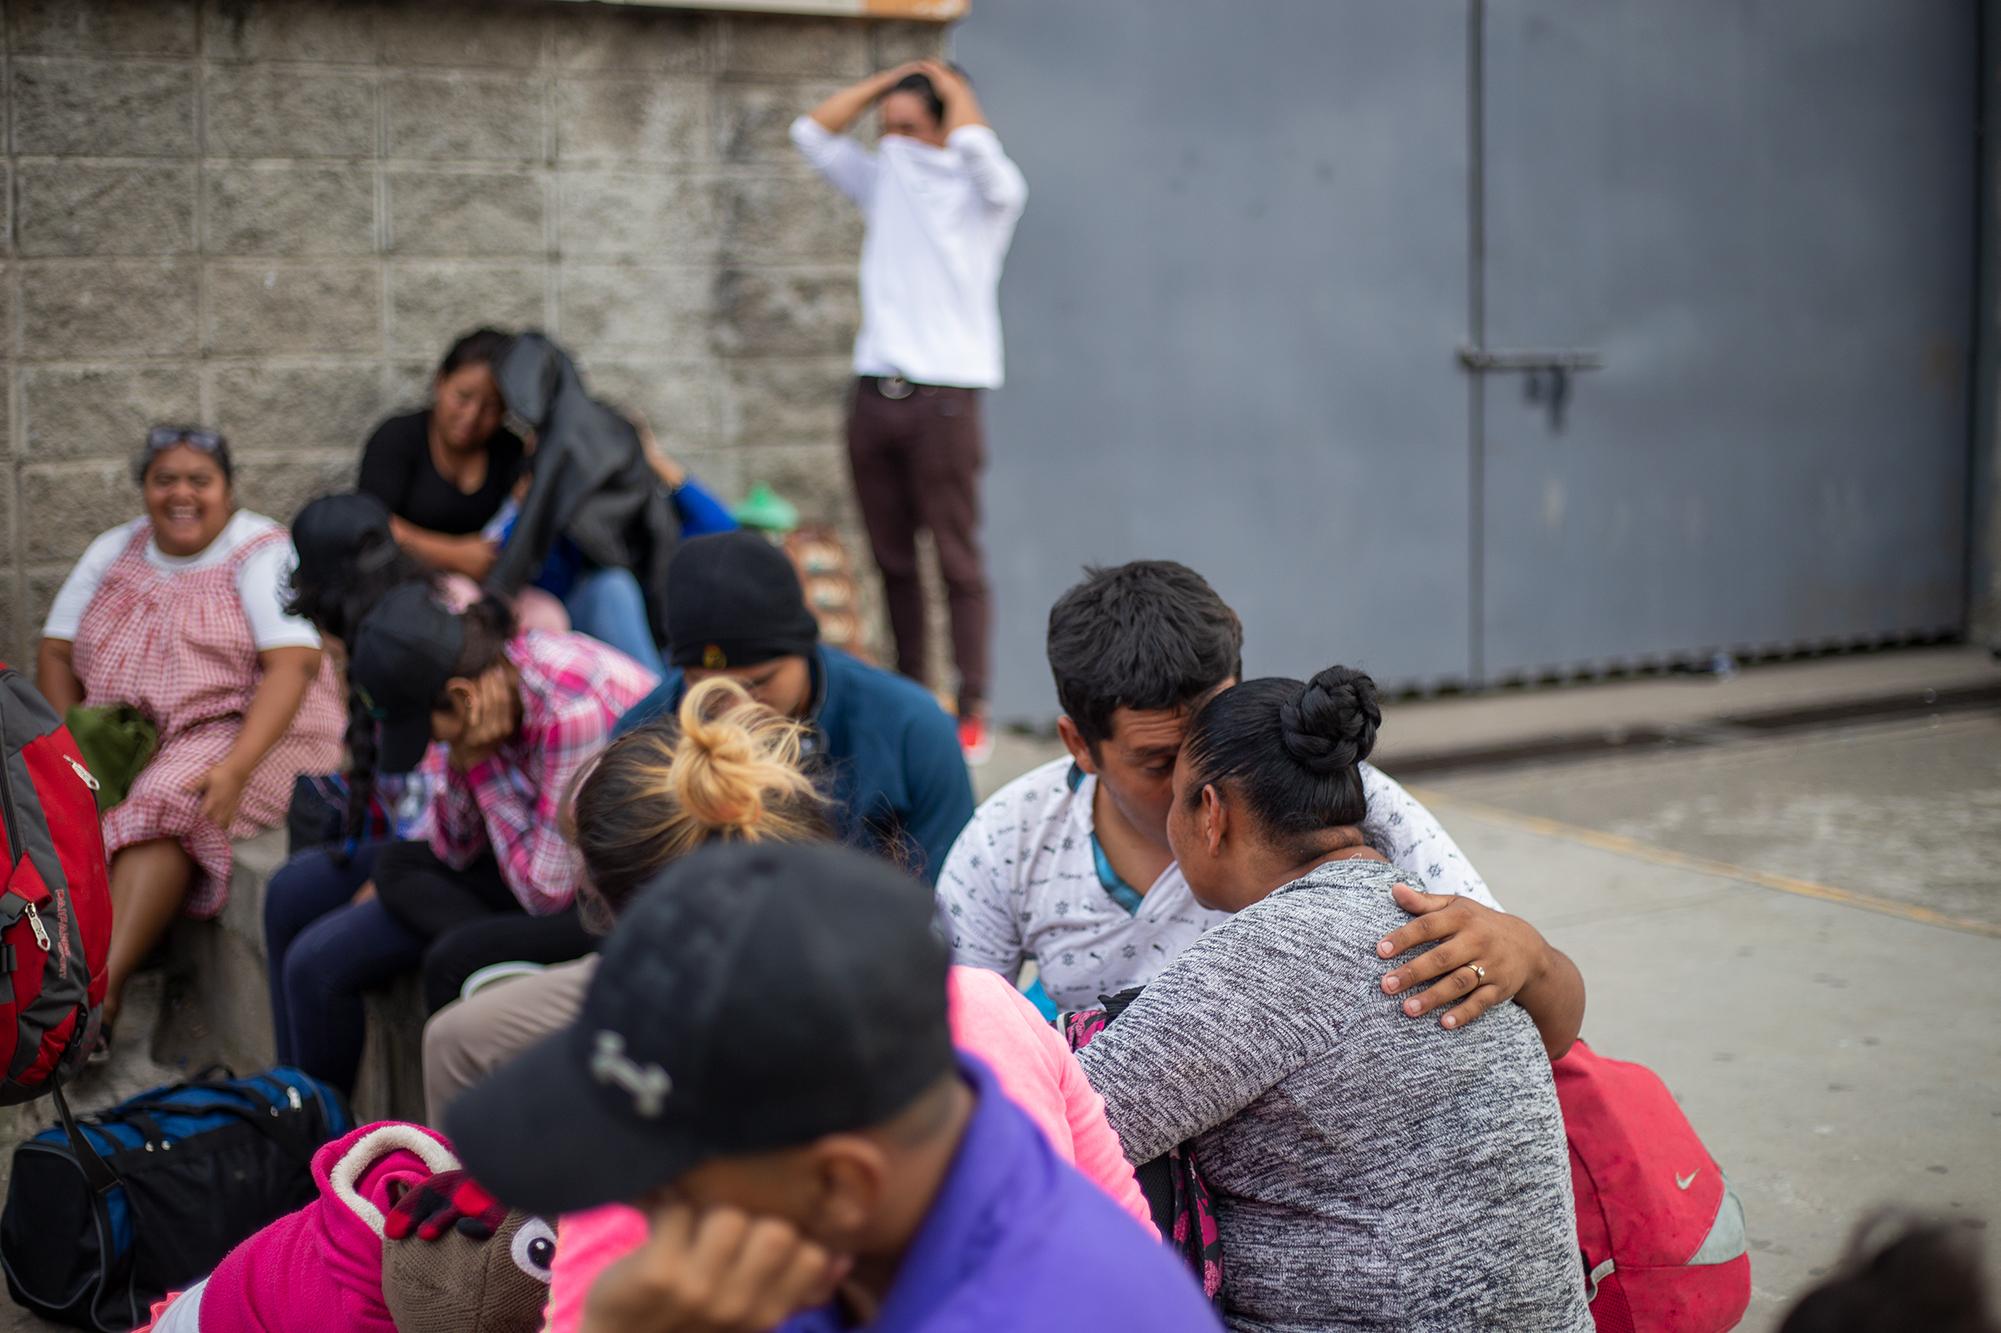 Ever Aceituno de 23 años, originario de Tegucigalpa, acompañado por su esposa Sandra de 35 años que en el momento de esta fotografía tenía tres meses de embarazo, huyeron de la violencia del país en la primera caravana migrante del mes de enero. Ever trabajaba de ayudante de buses en la ruta Cerro Grande–Kennedy en la capital del país, un rubro que, según el Observatorio de la Violencia de la Universidad Nacional Autónoma de Honduras (OV-UNAH), en 2019 contabilizó más de 100 trabajadores asesinados a causa del cobro de la extorsión que ejercen las pandillas. Ever y Sandra se casaron pocos meses antes de la caravana migrante, se conocieron después de que él fue deportado de Estados Unidos cuando se fue en la primer Caravana Migrante de octubre de 2018. San Pedro Sula, Cortés, 14 de enero de 2020. Foto: Fernando Silva.